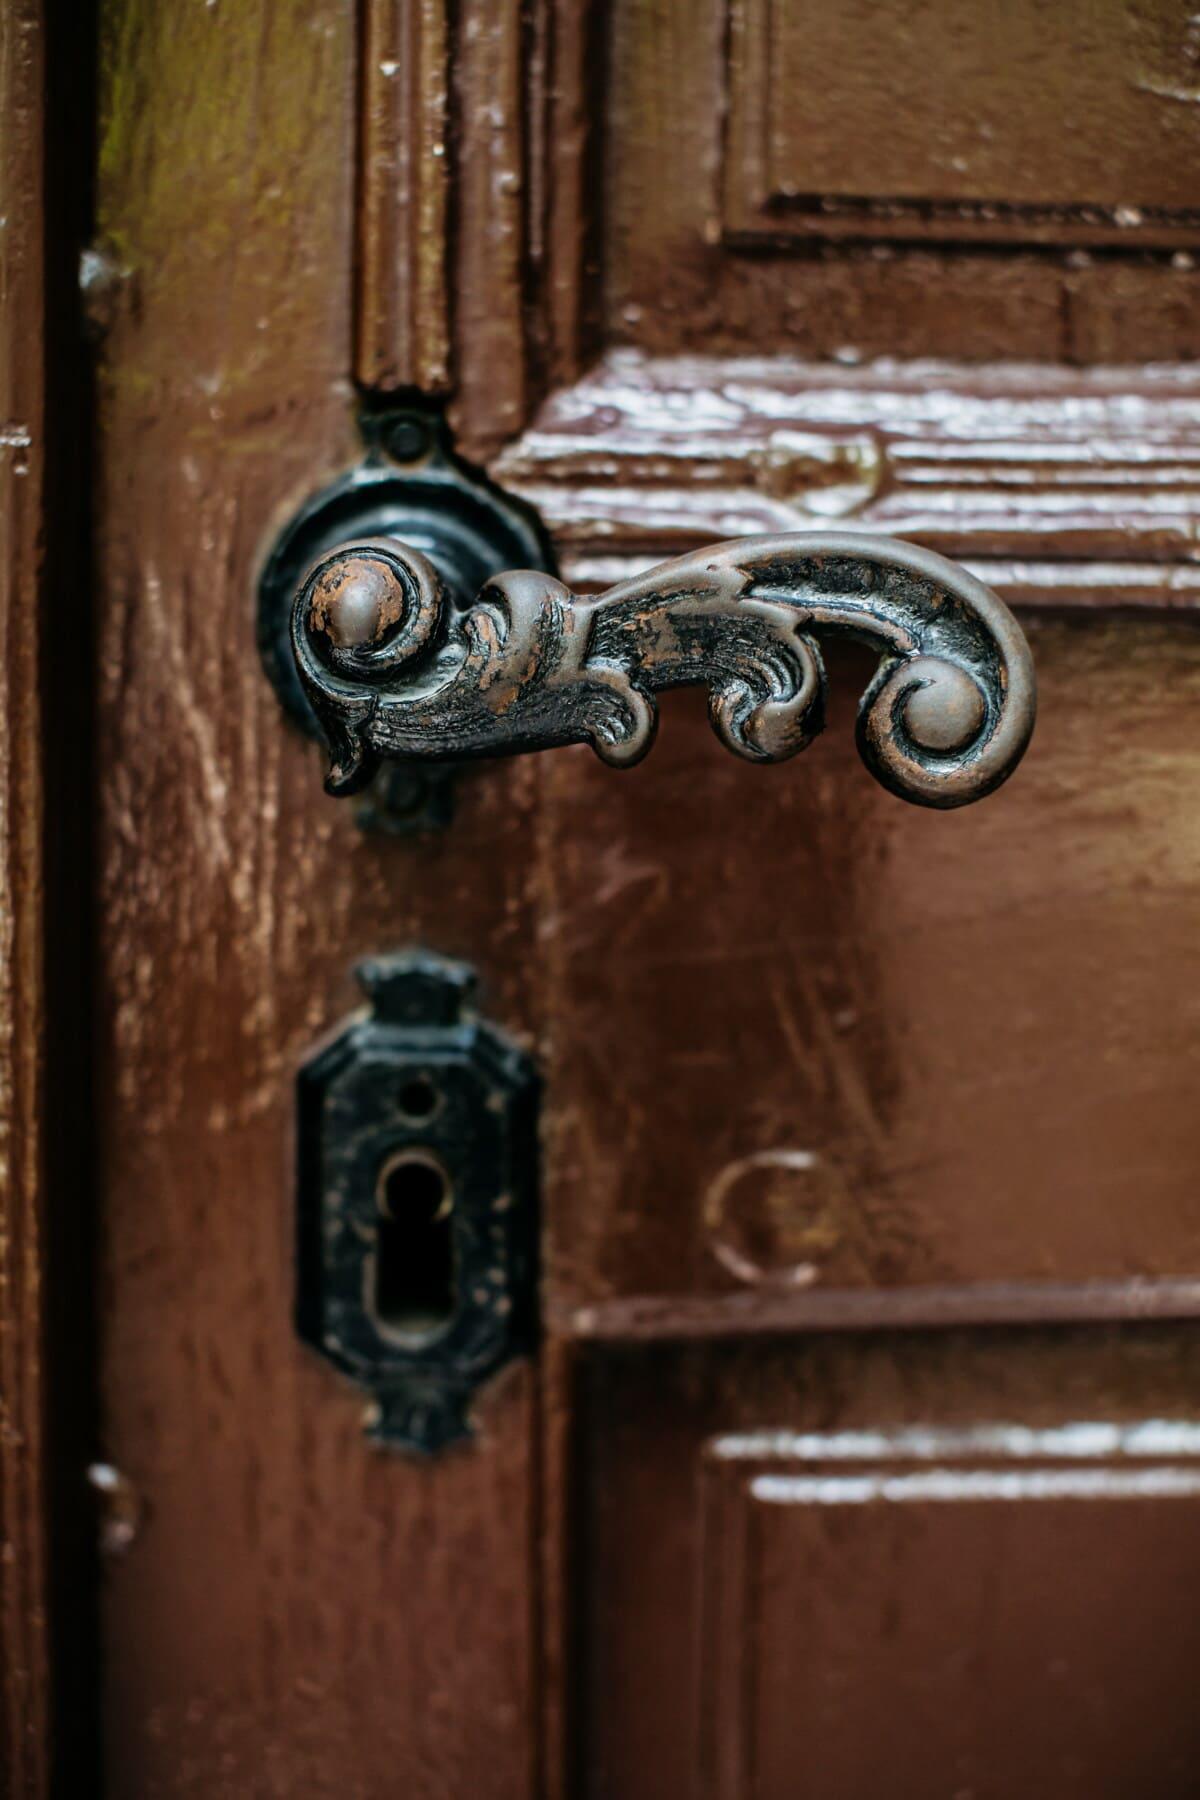 antiguo, ojo de la cerradura, hecho a mano, hierro fundido, puerta de entrada, ornamental, marrón claro, detalles, carpintería, puerta